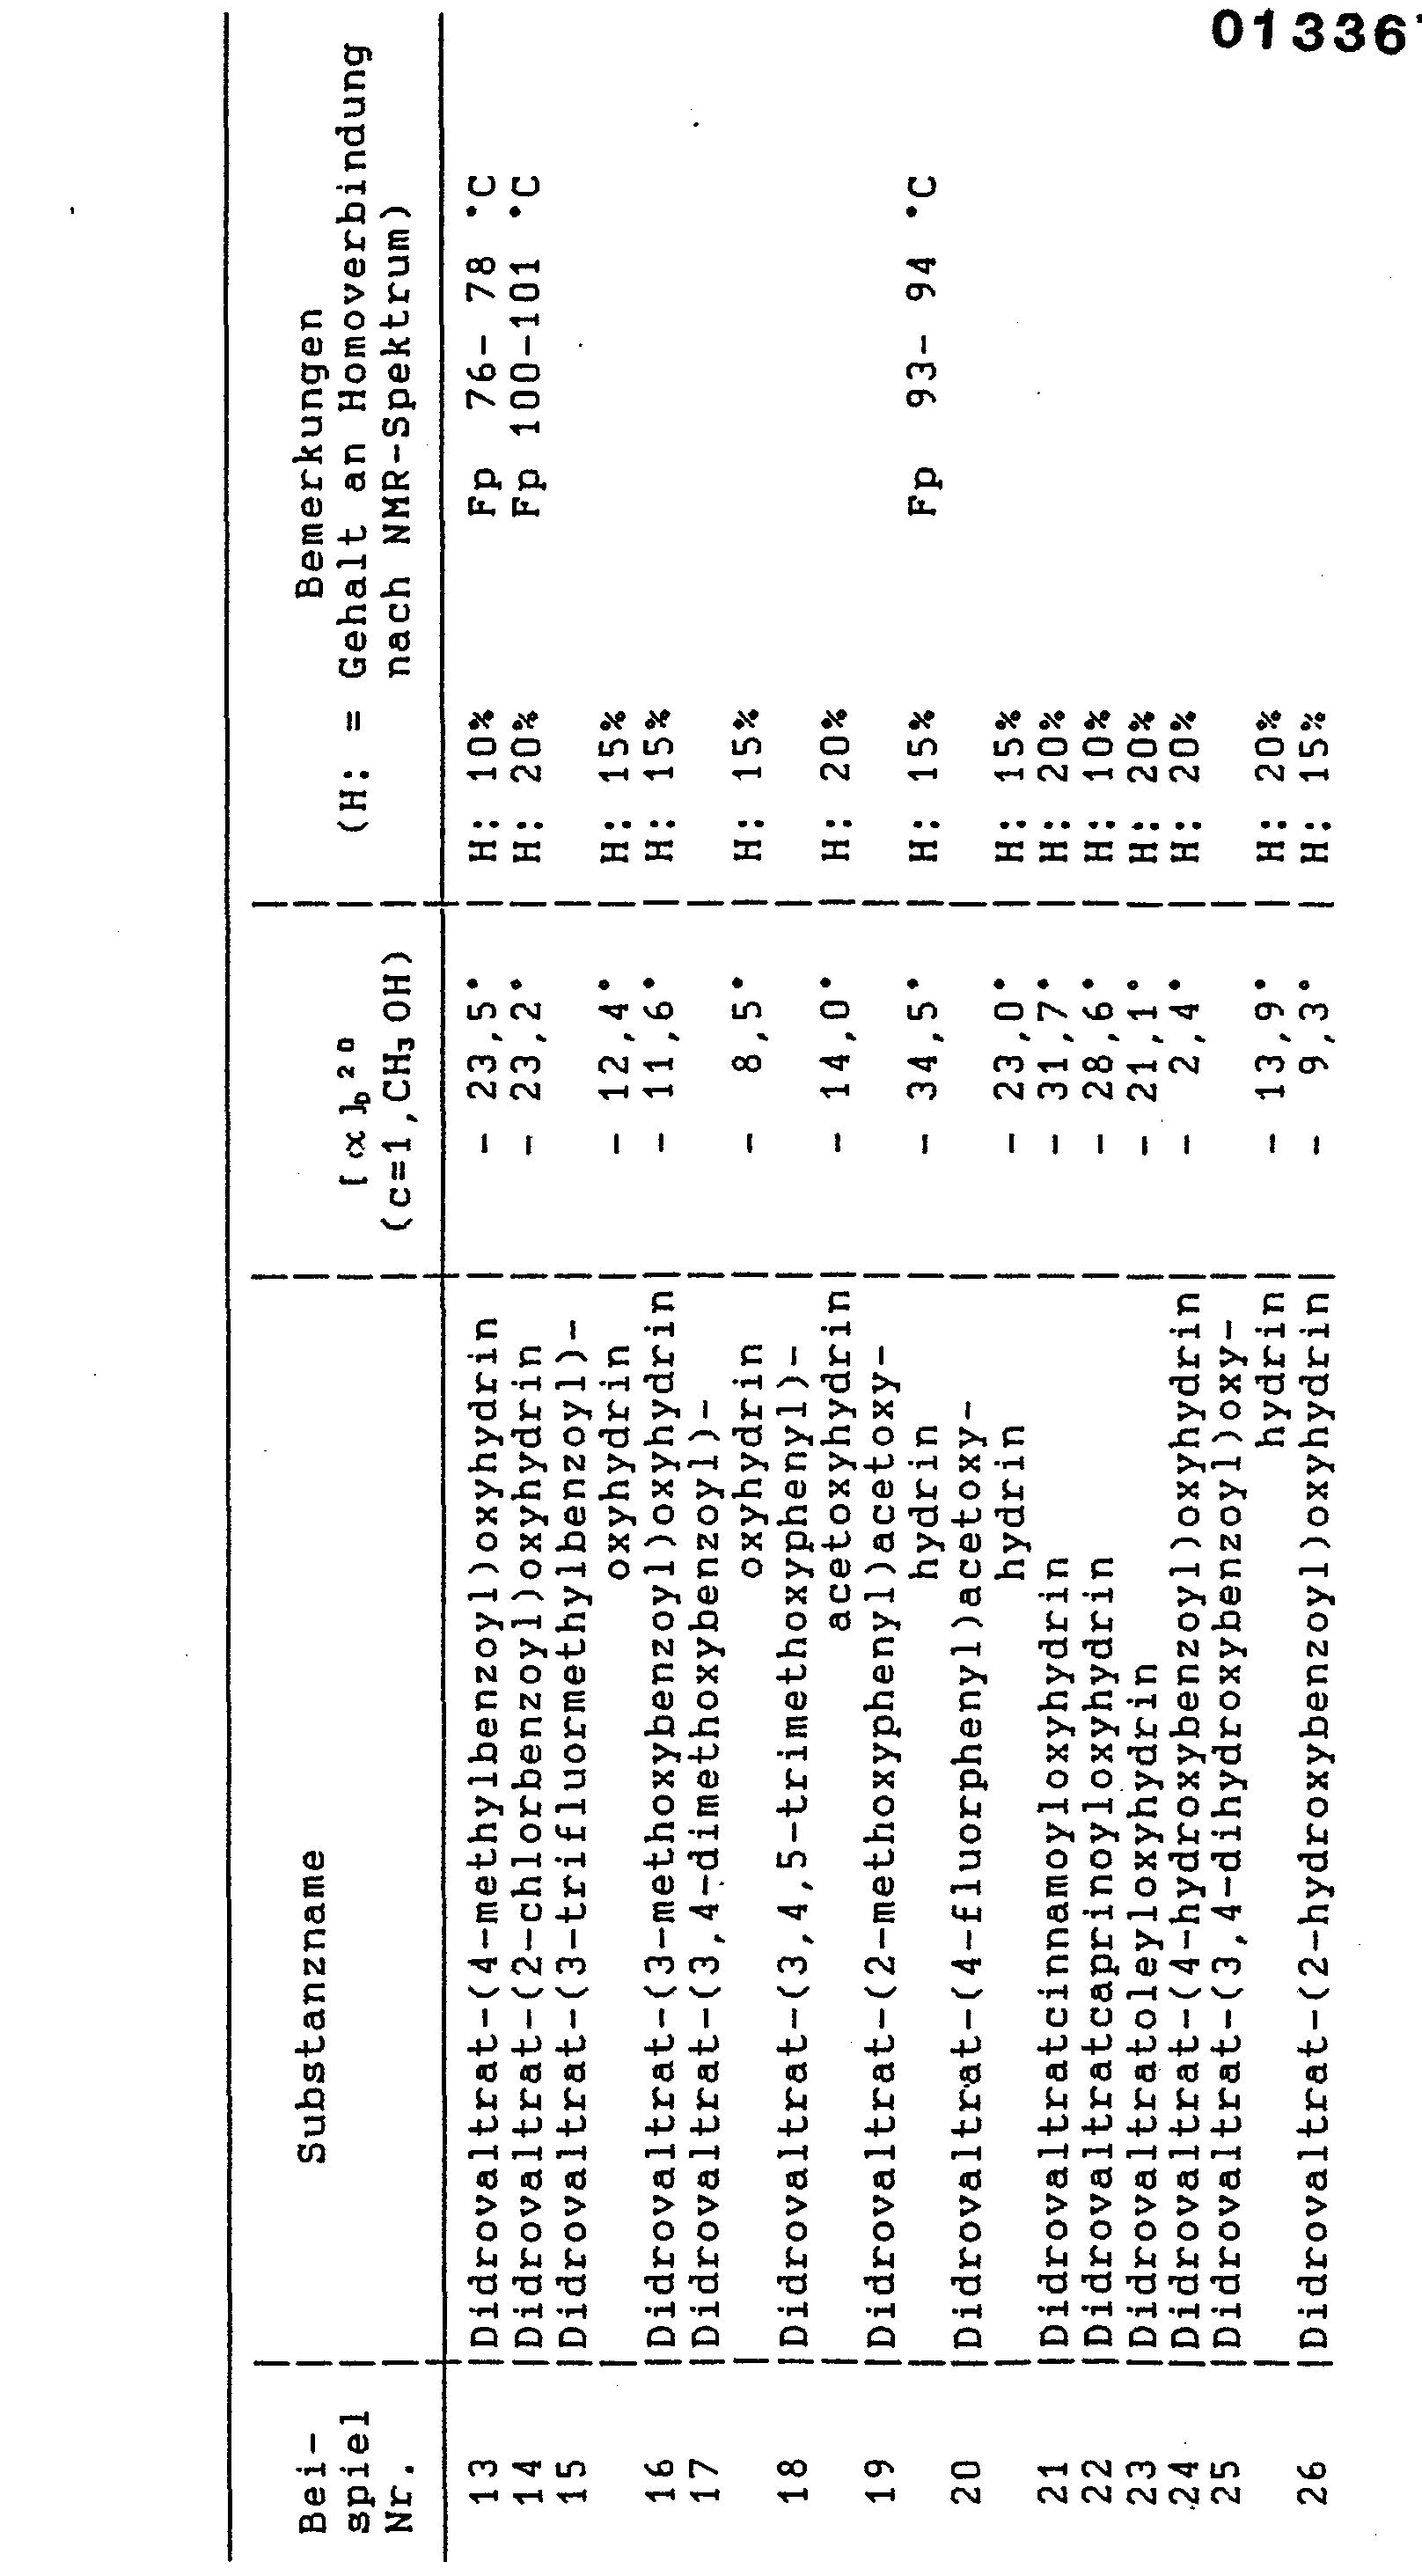 Ep0133673a1 Neue Valepotriathydrinhaltige Arzneimittel